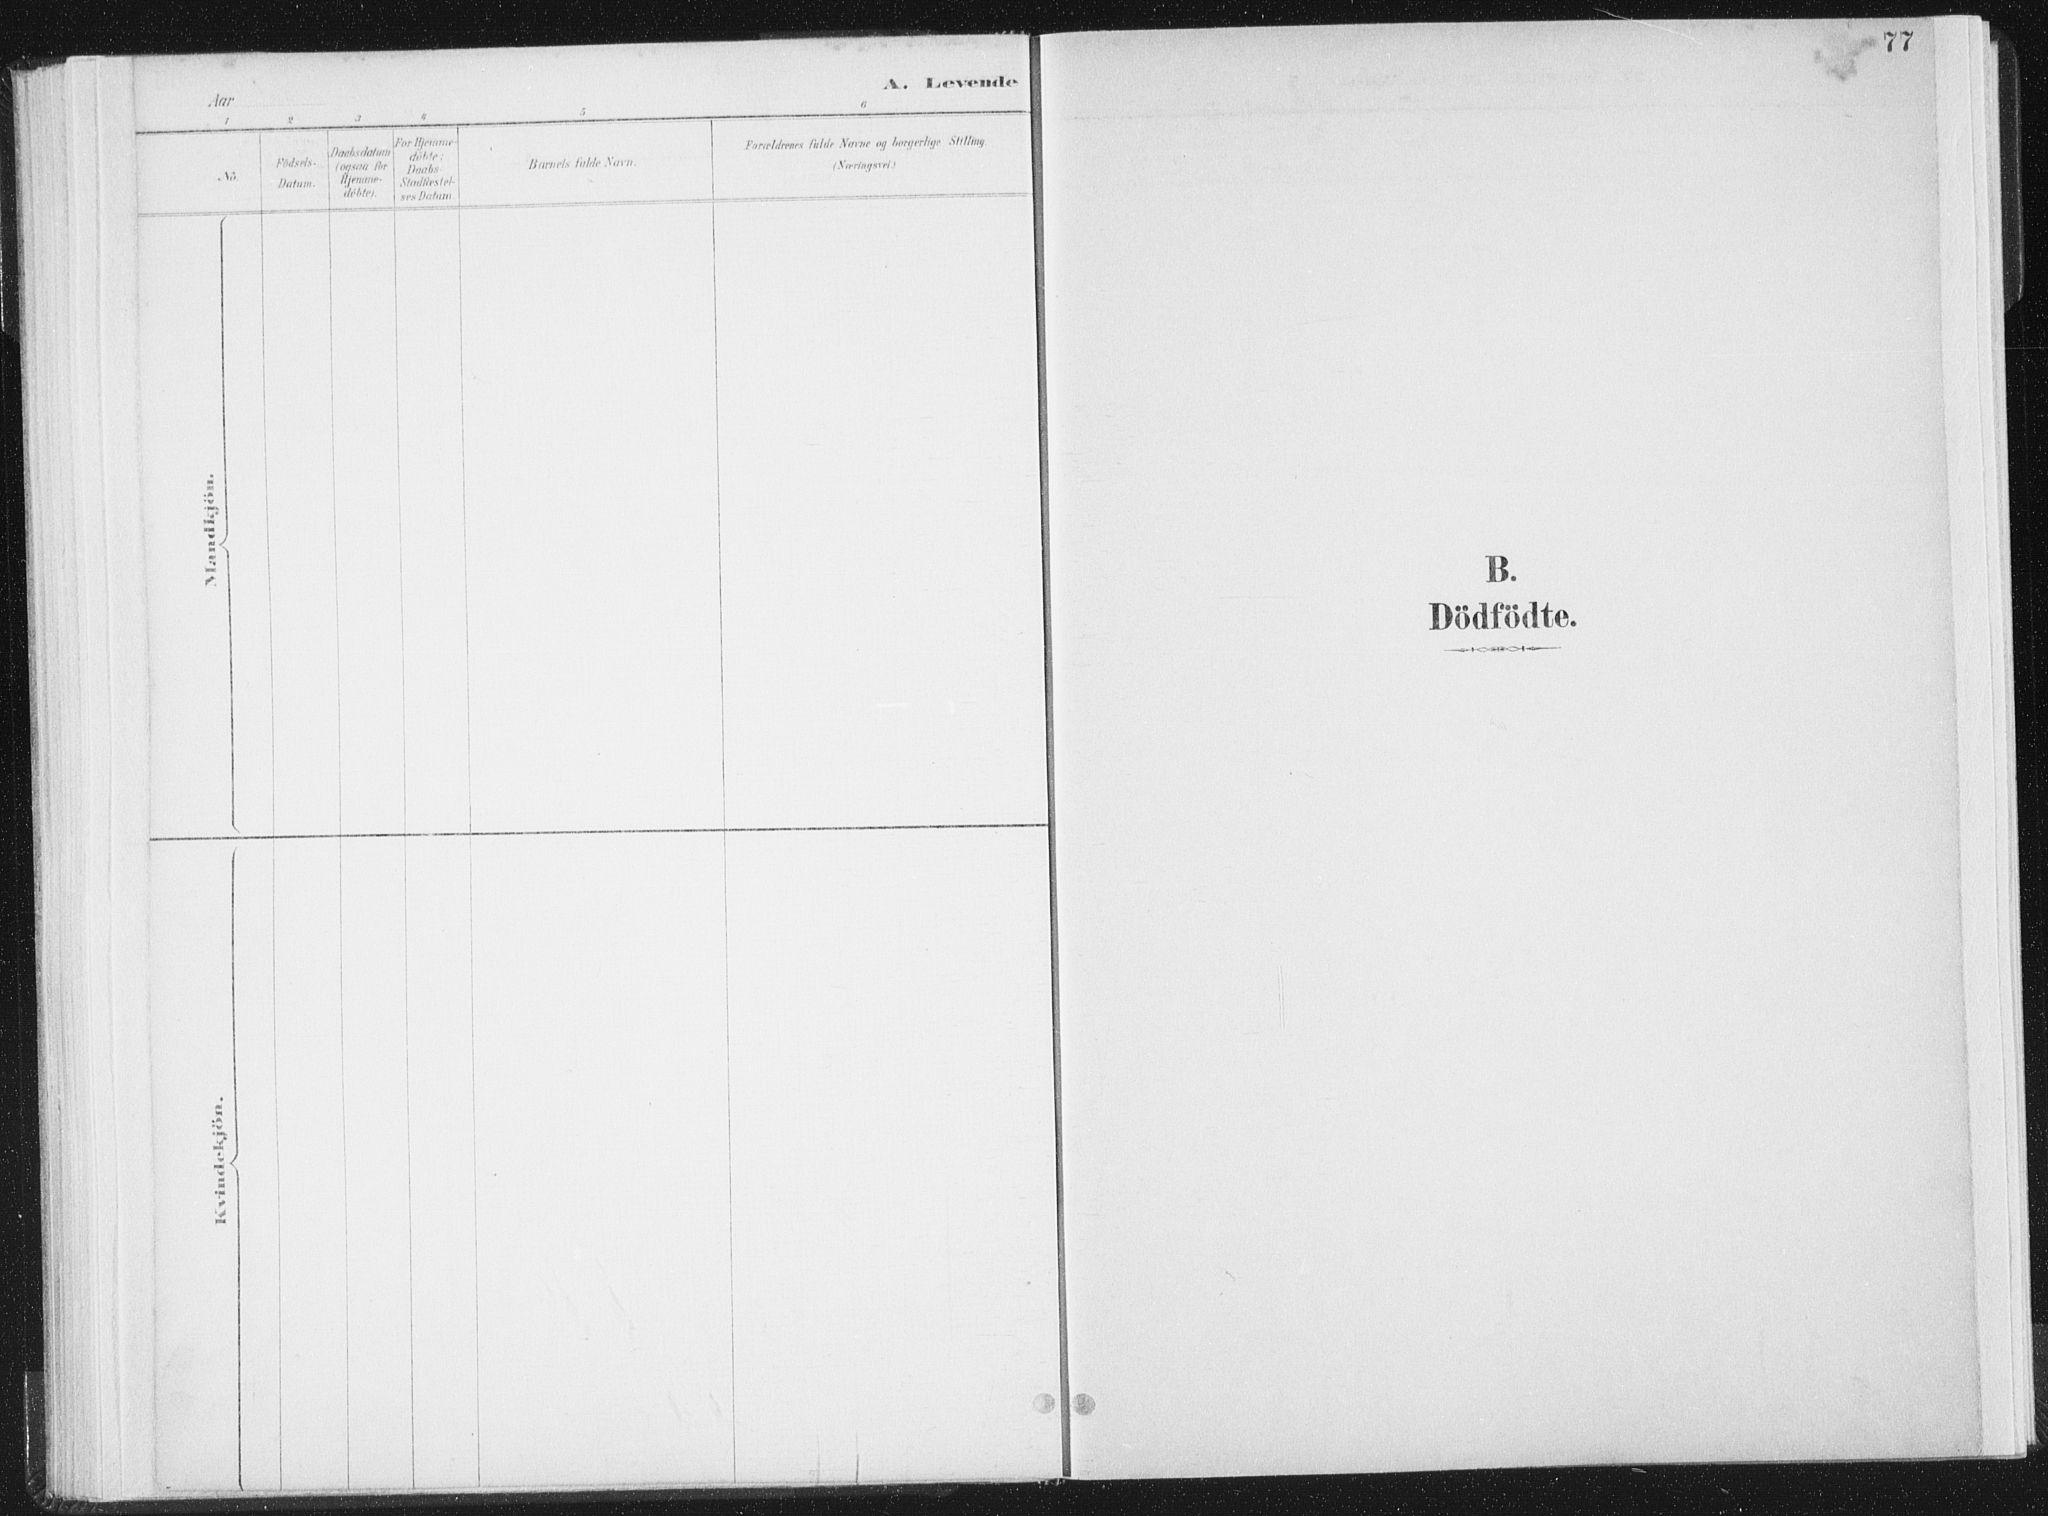 SAT, Ministerialprotokoller, klokkerbøker og fødselsregistre - Nord-Trøndelag, 771/L0597: Ministerialbok nr. 771A04, 1885-1910, s. 77